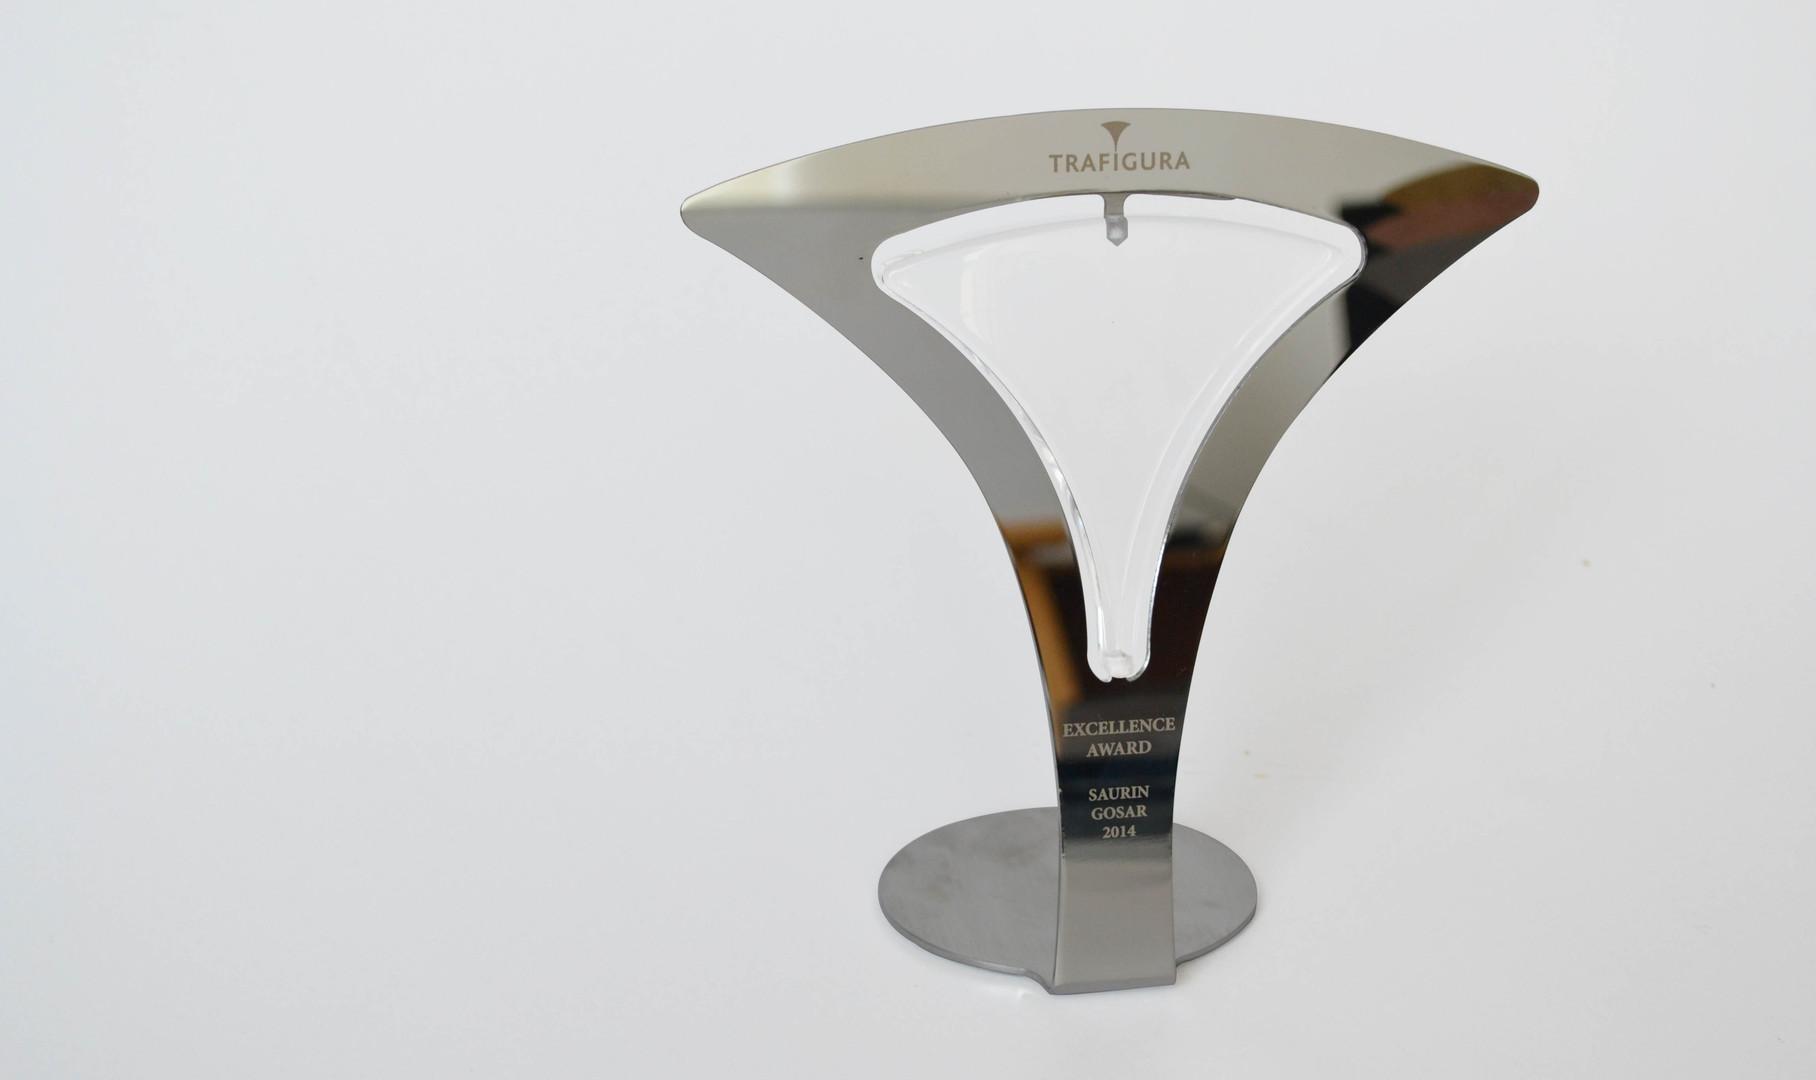 Trafigura Trophy